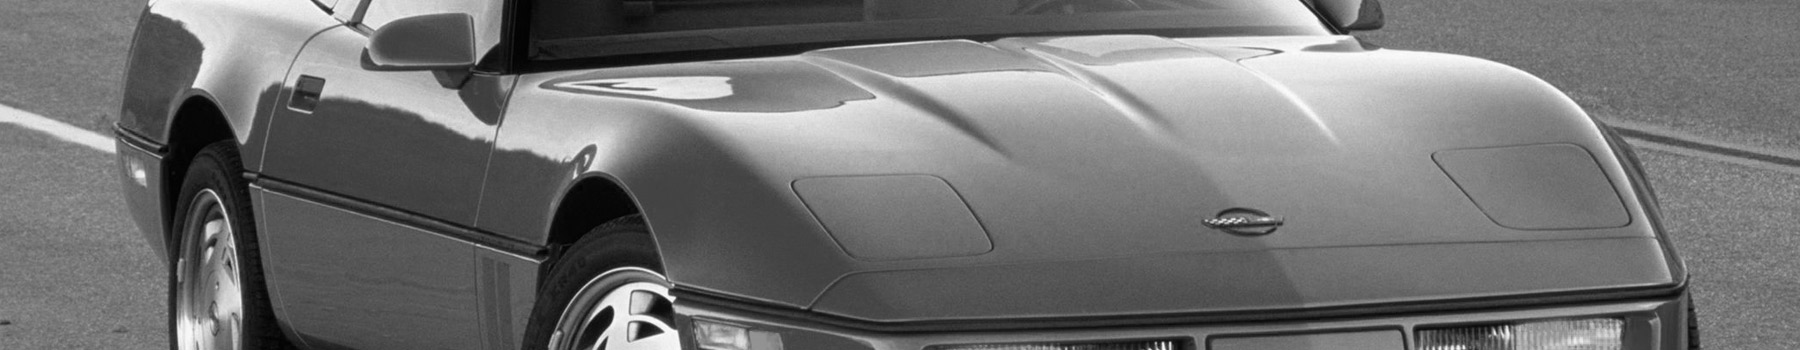 c4 corvette 1984-1996